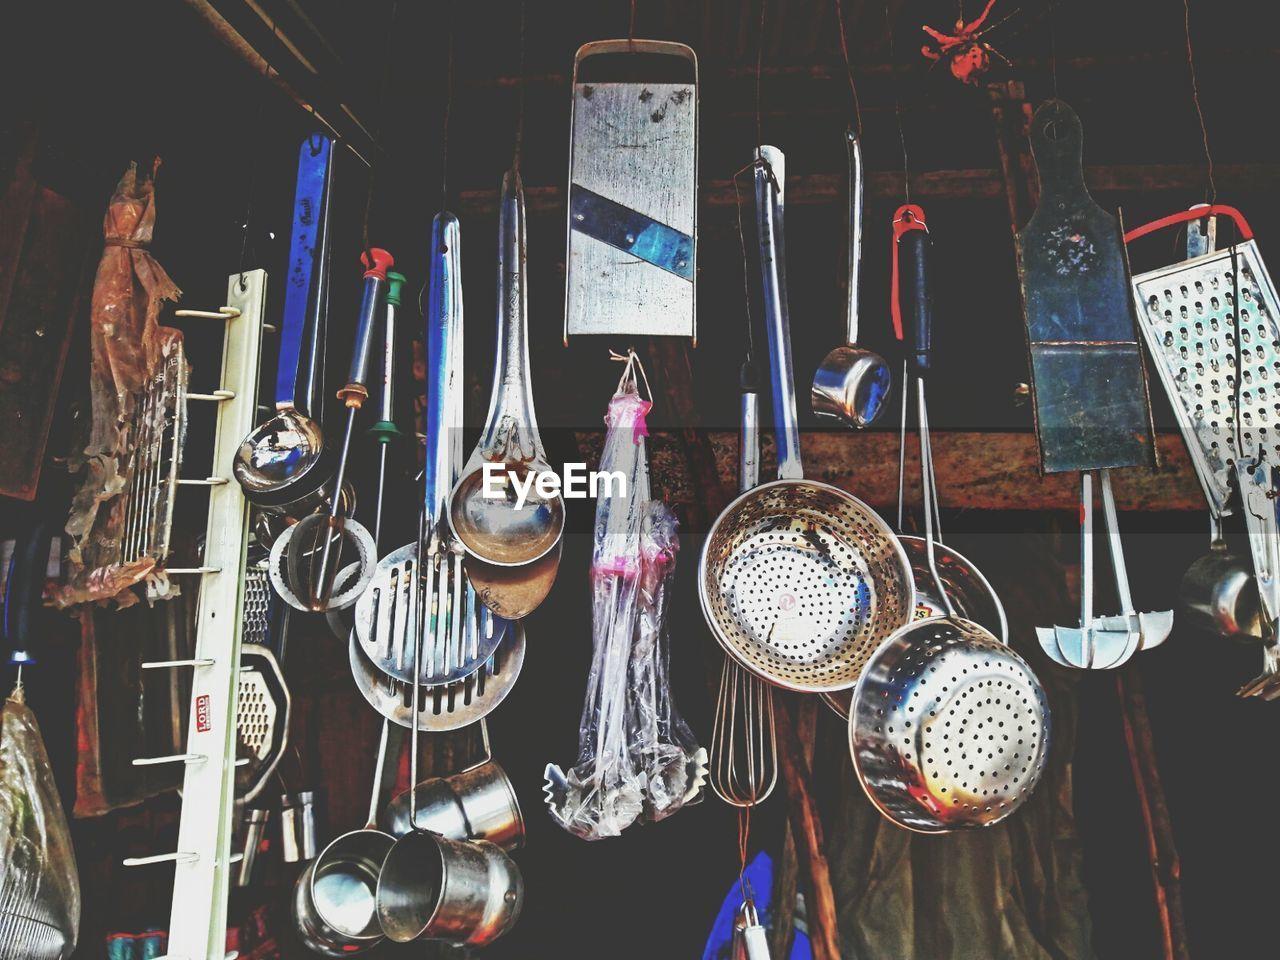 Kitchen utensils hanging for sale at market